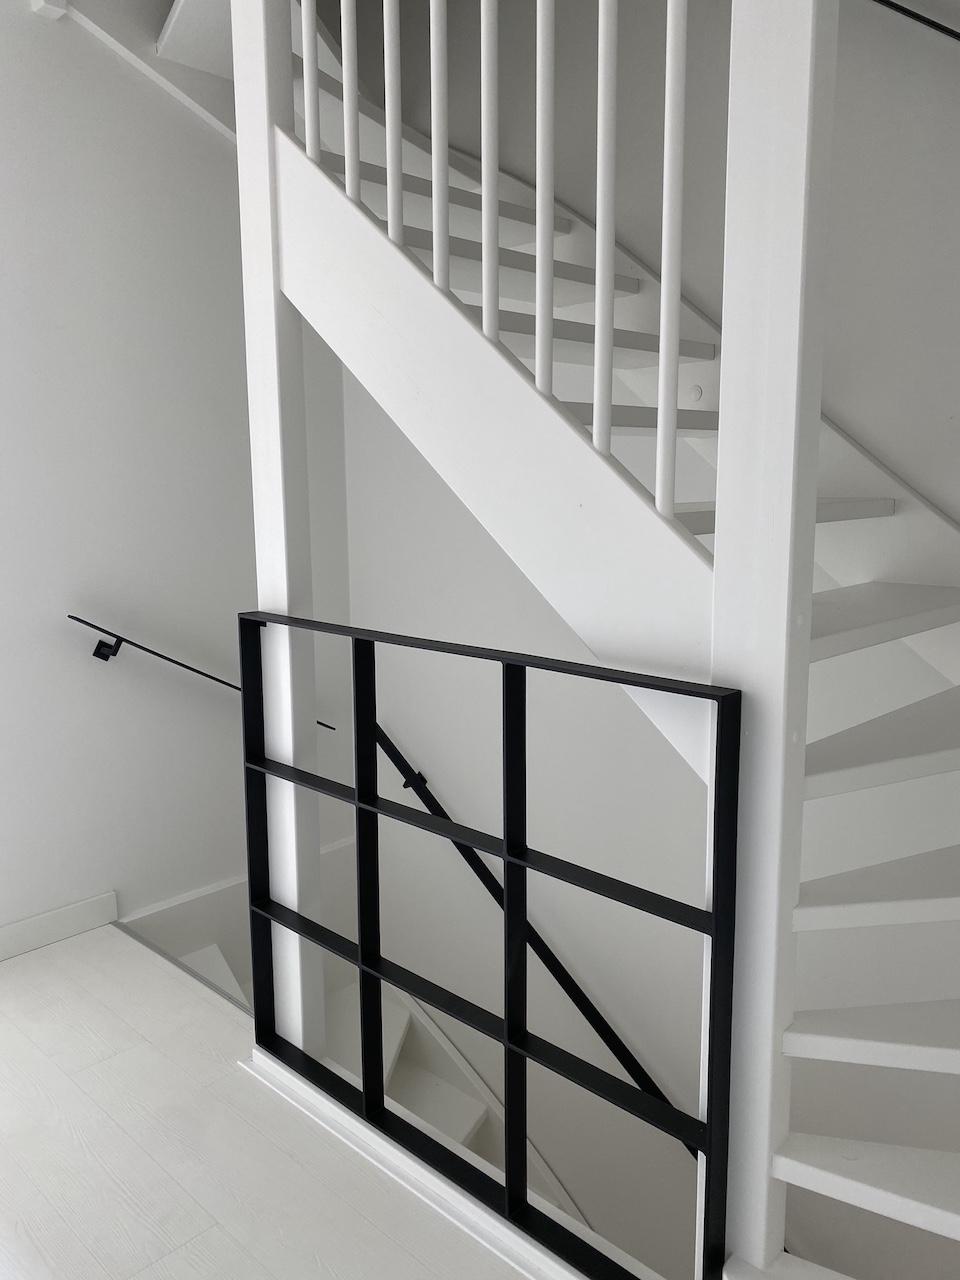 Stalen balustrade voor een trap